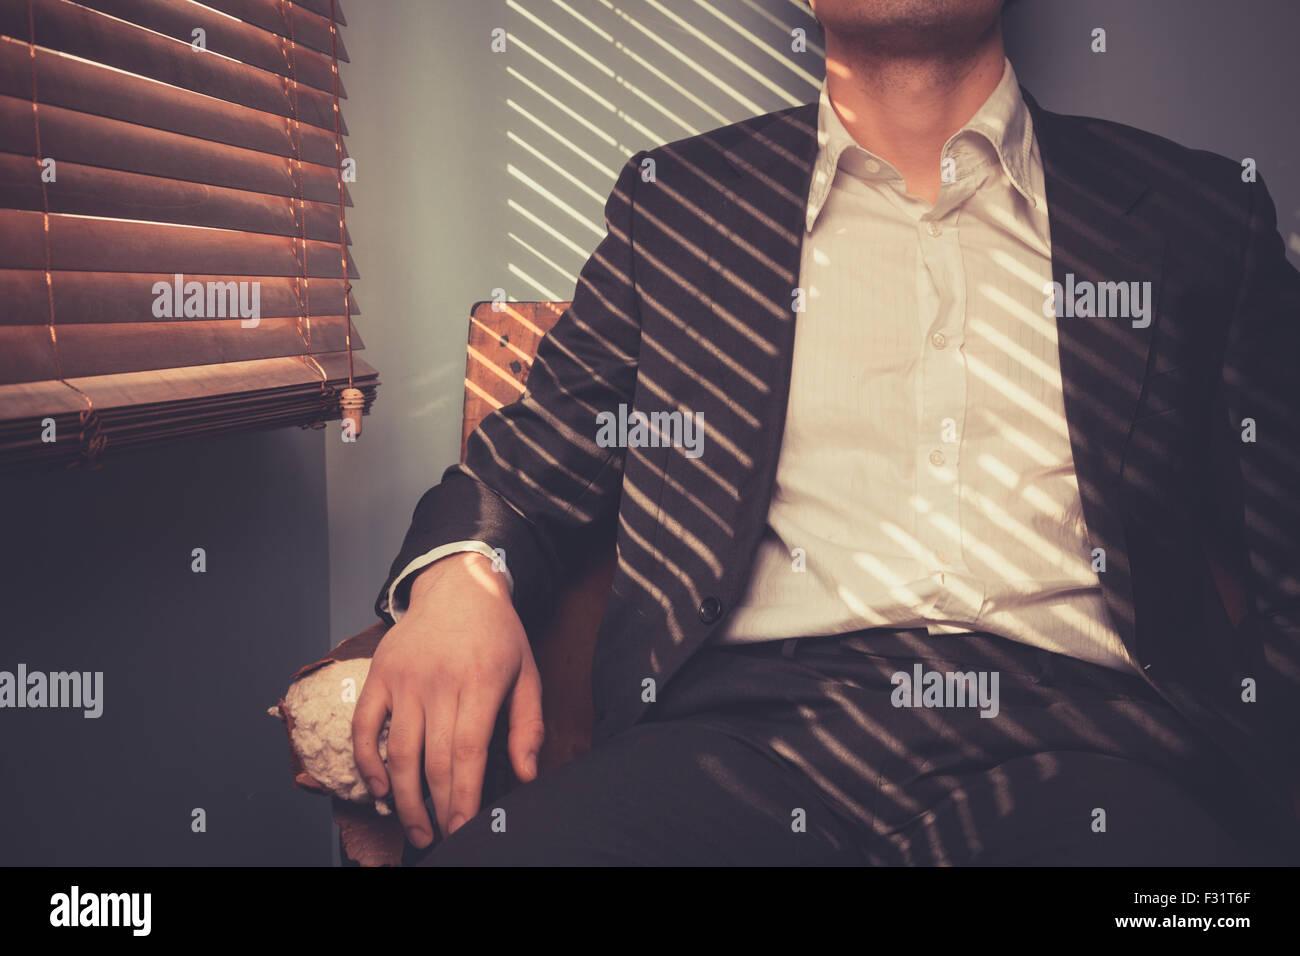 Junger Mann ist an einem sonnigen Tag entspannen Sie sich auf ein altes Sofa am Fenster Stockbild